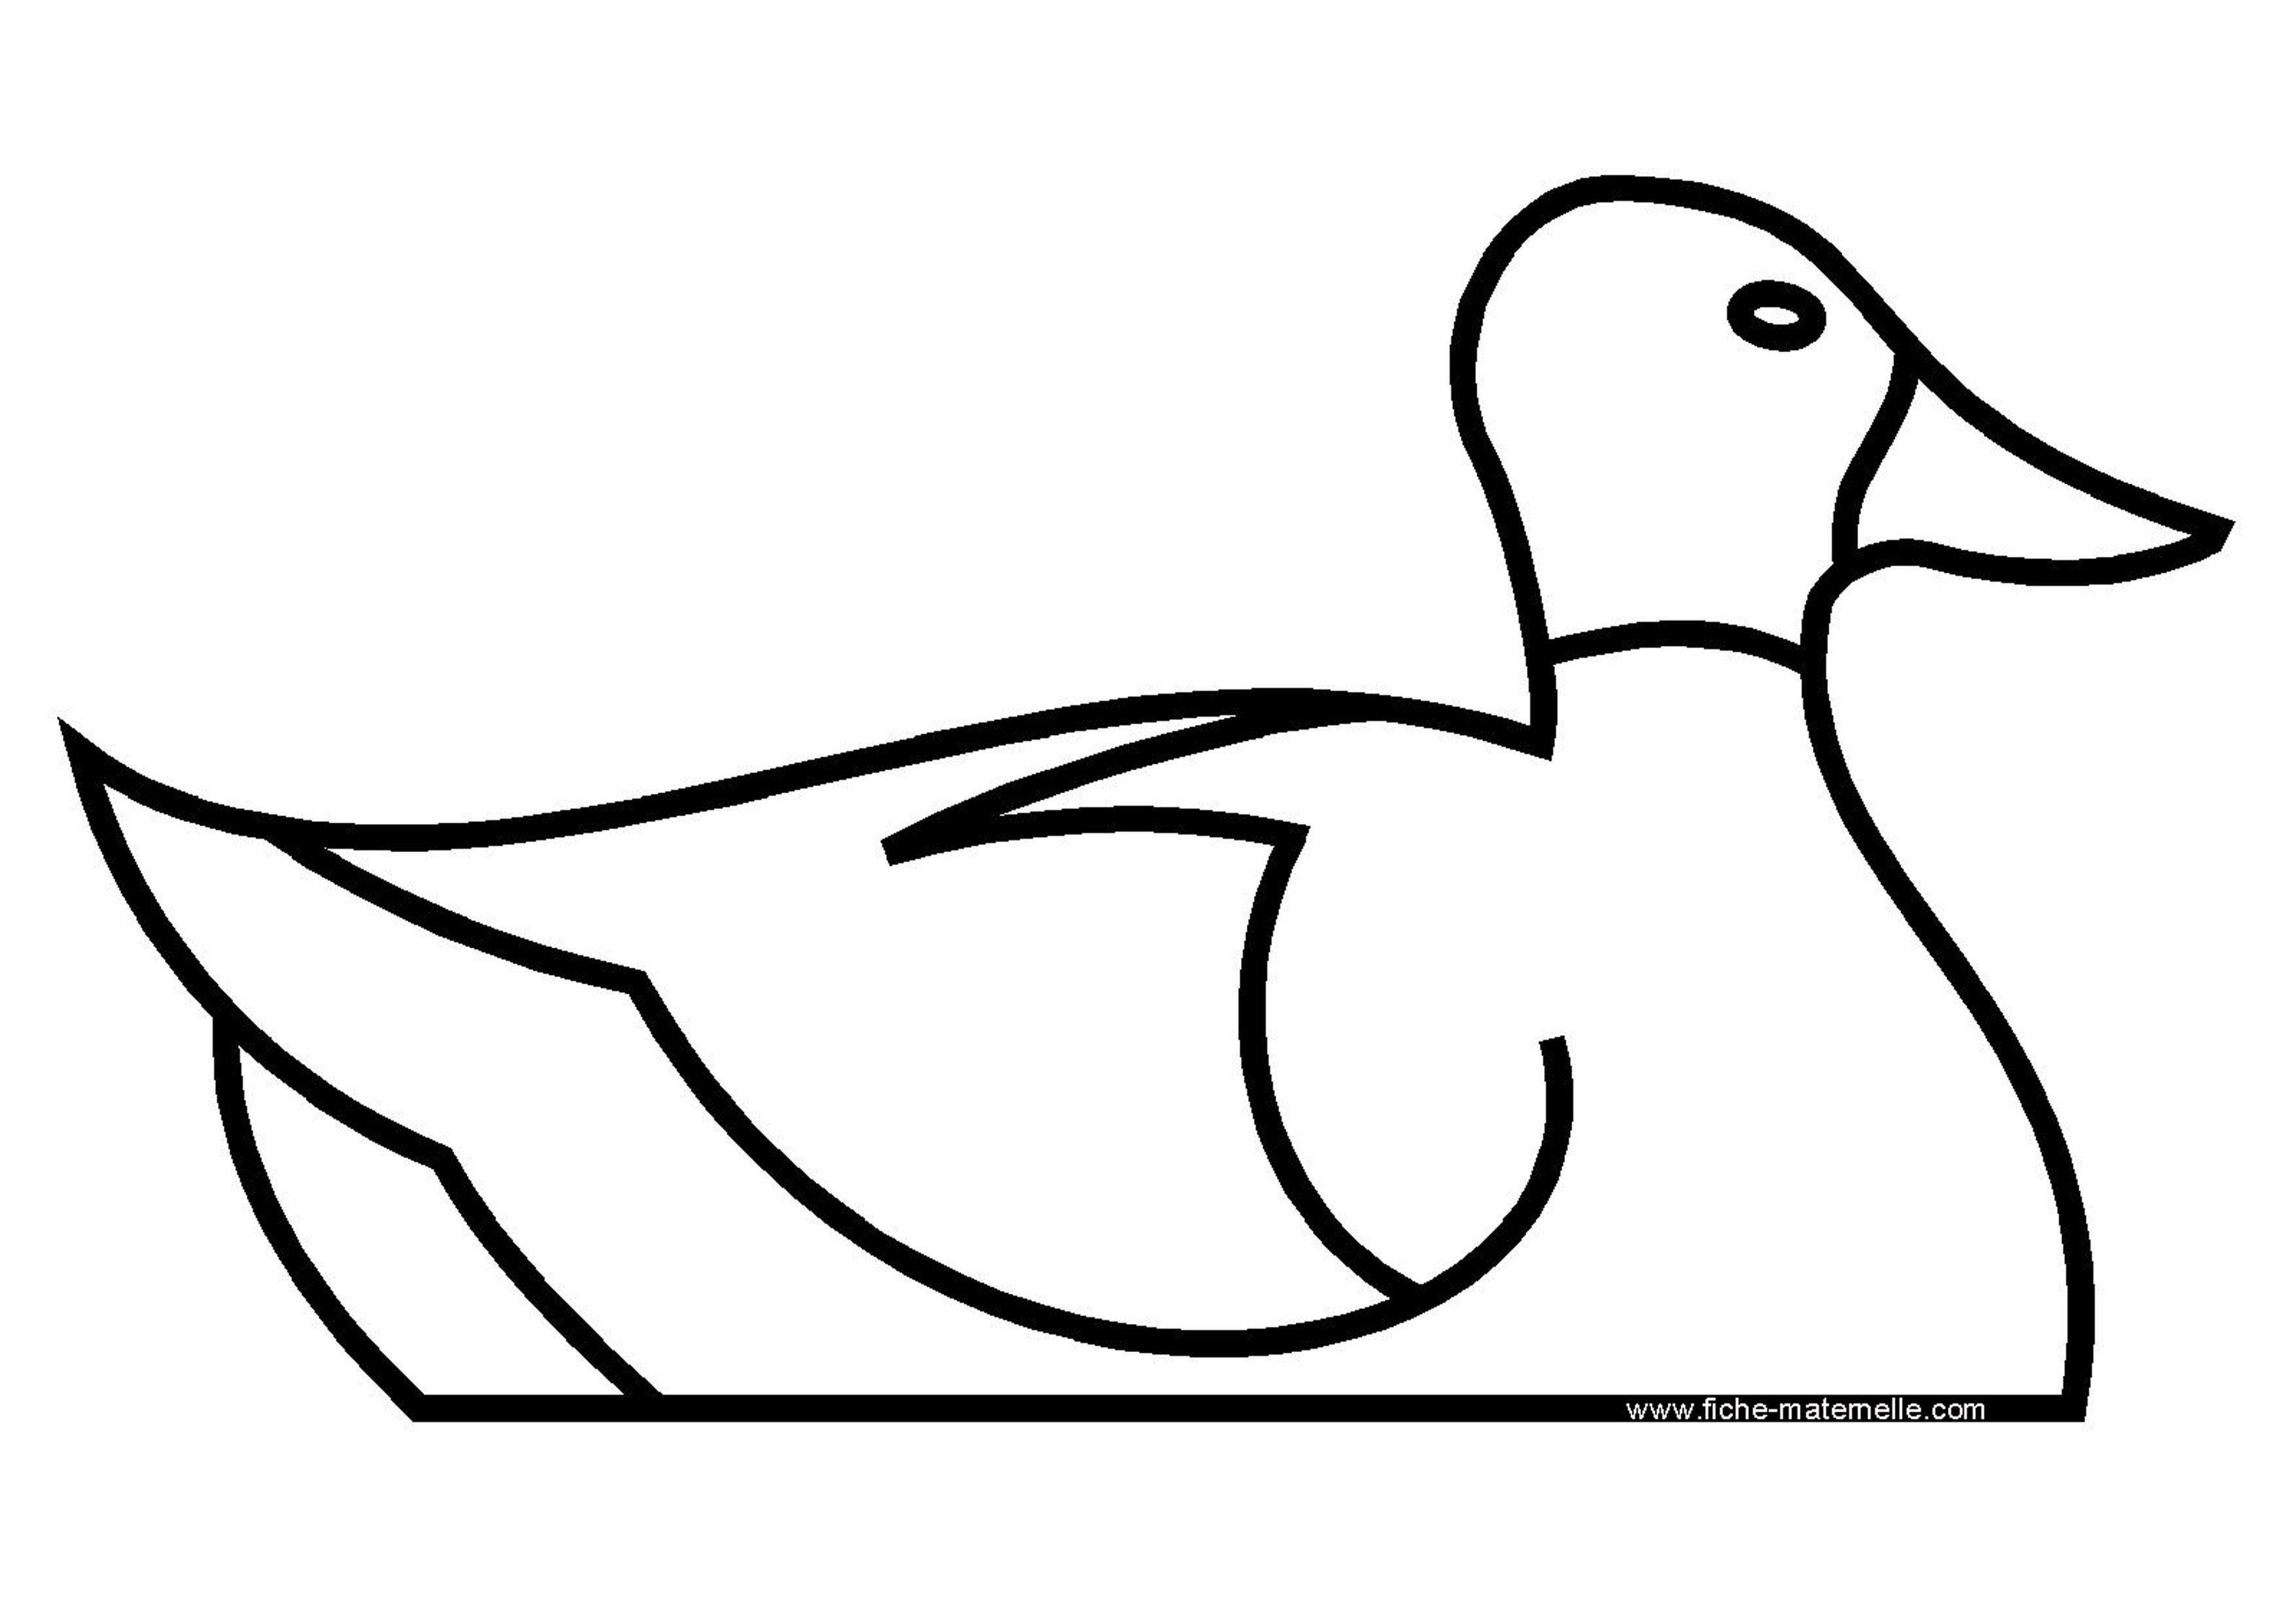 Coloriage - Canard dessin facile ...